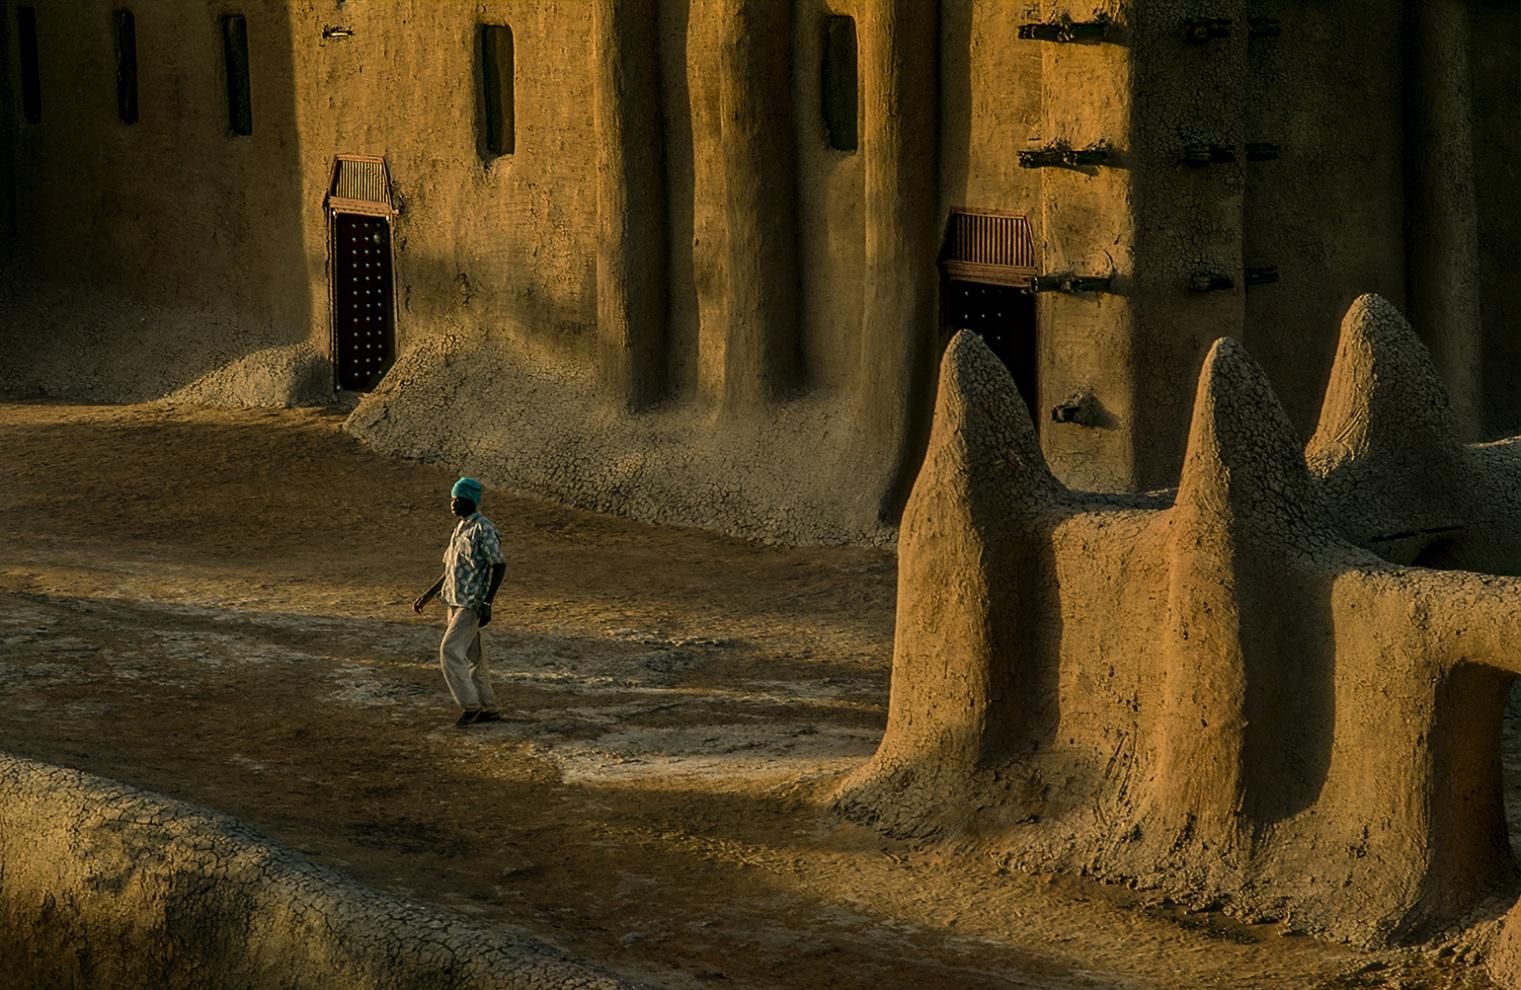 [infoHide=English]  The great Mosque of Djenne - Mali 2009. The actual Mosque is reconstructed at the beginning of 20th century on the rests of the precedent make in nineteenth-century, in a site devoted to the religious cult since 14th centuri . Splendid example of Saharan architecture, pulsating heart of the city, is the spectacular emblem of the black Islam, with its audacious towers, its stairs beveling for the time, are the most big construction in mud and wood of the world. A grandiose monument of Saharan architecture, that owes his forms to the absence of stone in the region. The annual party for the maintenance of the mosque, involves the whole community of the inhabitants of Djenné: the jobs are conducted with traditional methods among songs, prayers and cheerful hymns to Allah. Children the assignment is to amalgamate the mud, the young people climb on the walls of the mosque and they proceed to place the new layer of material of covering. The women bring the necessary water to the manufacture of the plaster. The whole procedure is directed by the eminent members of the guild of the masons, while the elderly ones, in that them same have completed in the passed the same work,  have sat to the place of honor and they assist to the whole operation. Film[/infoHide]  La grande Moschea di Djenne - Mali 2009. L'attuale edifico risulta essere quello ricostruito ai primi del 900 sui resti di quello ottocentesco precedente, in un sito dedicato al culto religioso sin dal Trecento. Splendido esempio di architettura sahariana, cuore pulsante della città, è l'emblema spettacolare dell'Islam Nero, con le sue mura merlate, le sue torri audaci, i suoi scalini smussati dal tempo, è la più imponente costruzione in terra del mondo. Un grandioso monumento di architettura sahariana, che deve le sue forme alla scarsità di pietre da costruzione in loco, per cui qui i grandi edifici in passato venivano costruiti impastando fango e paglia su una struttura di legno, le cui estremità